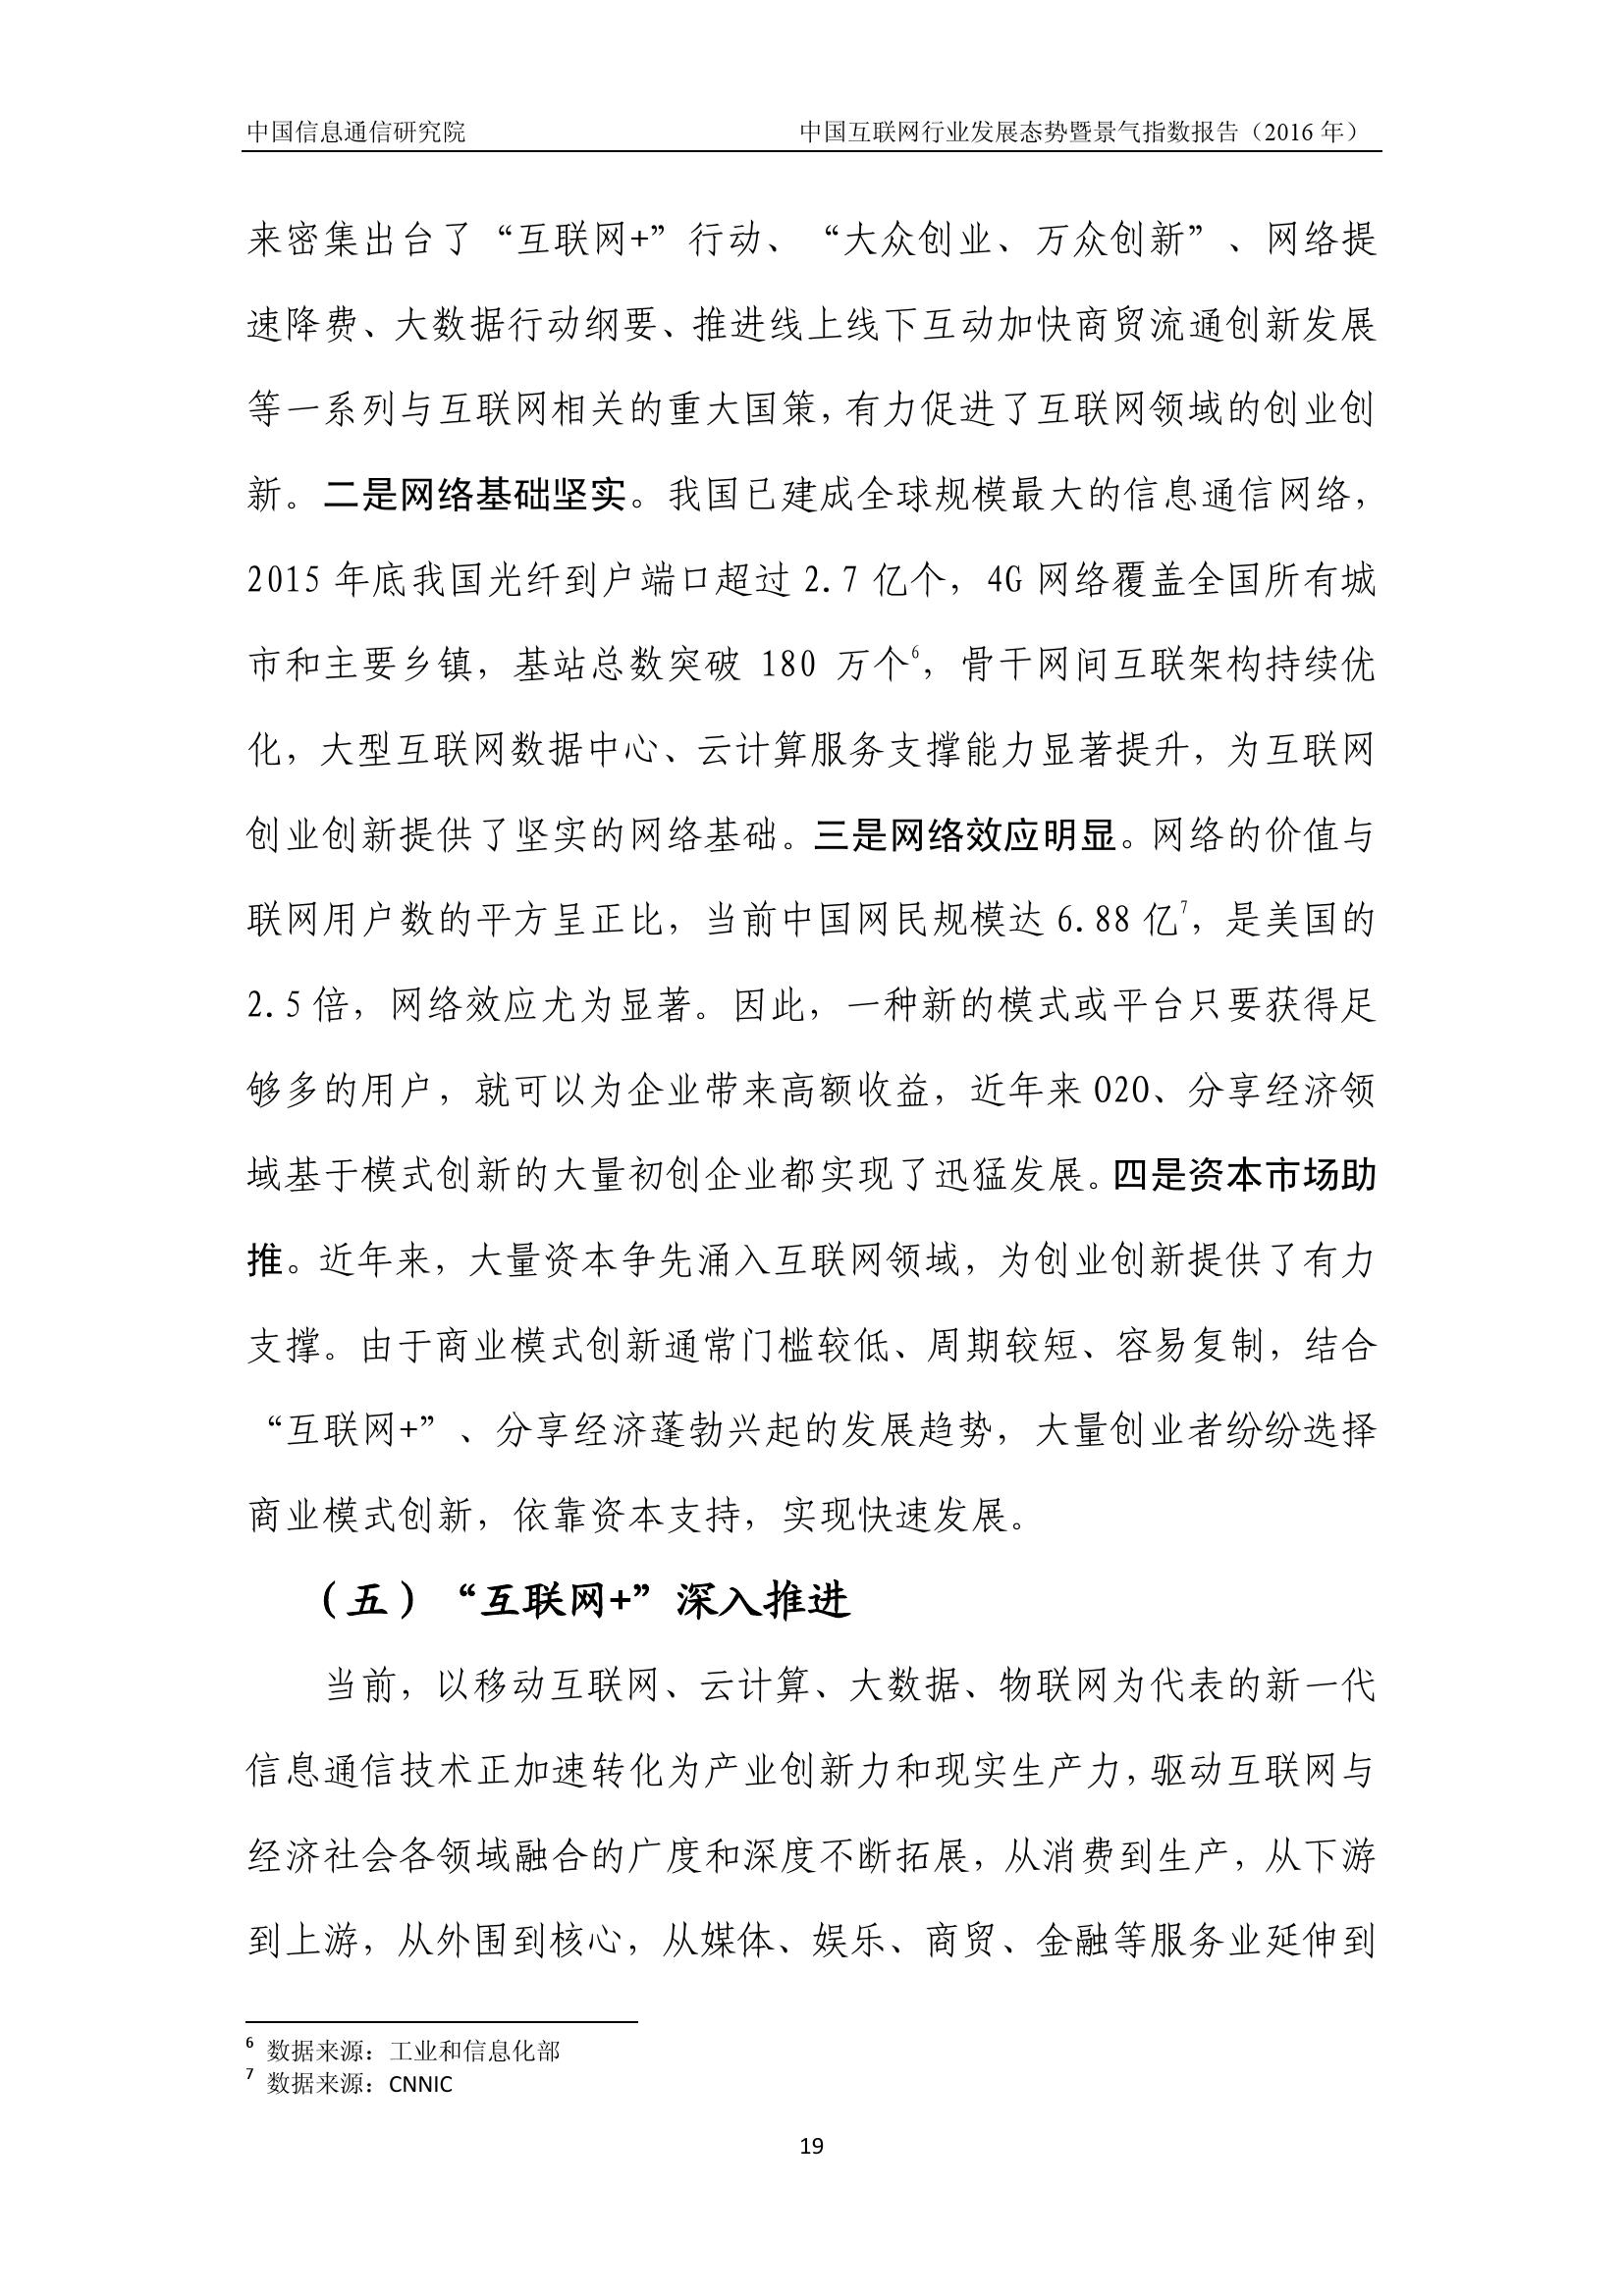 2016年中国互联网行业发展态势暨景气指数报告_000023